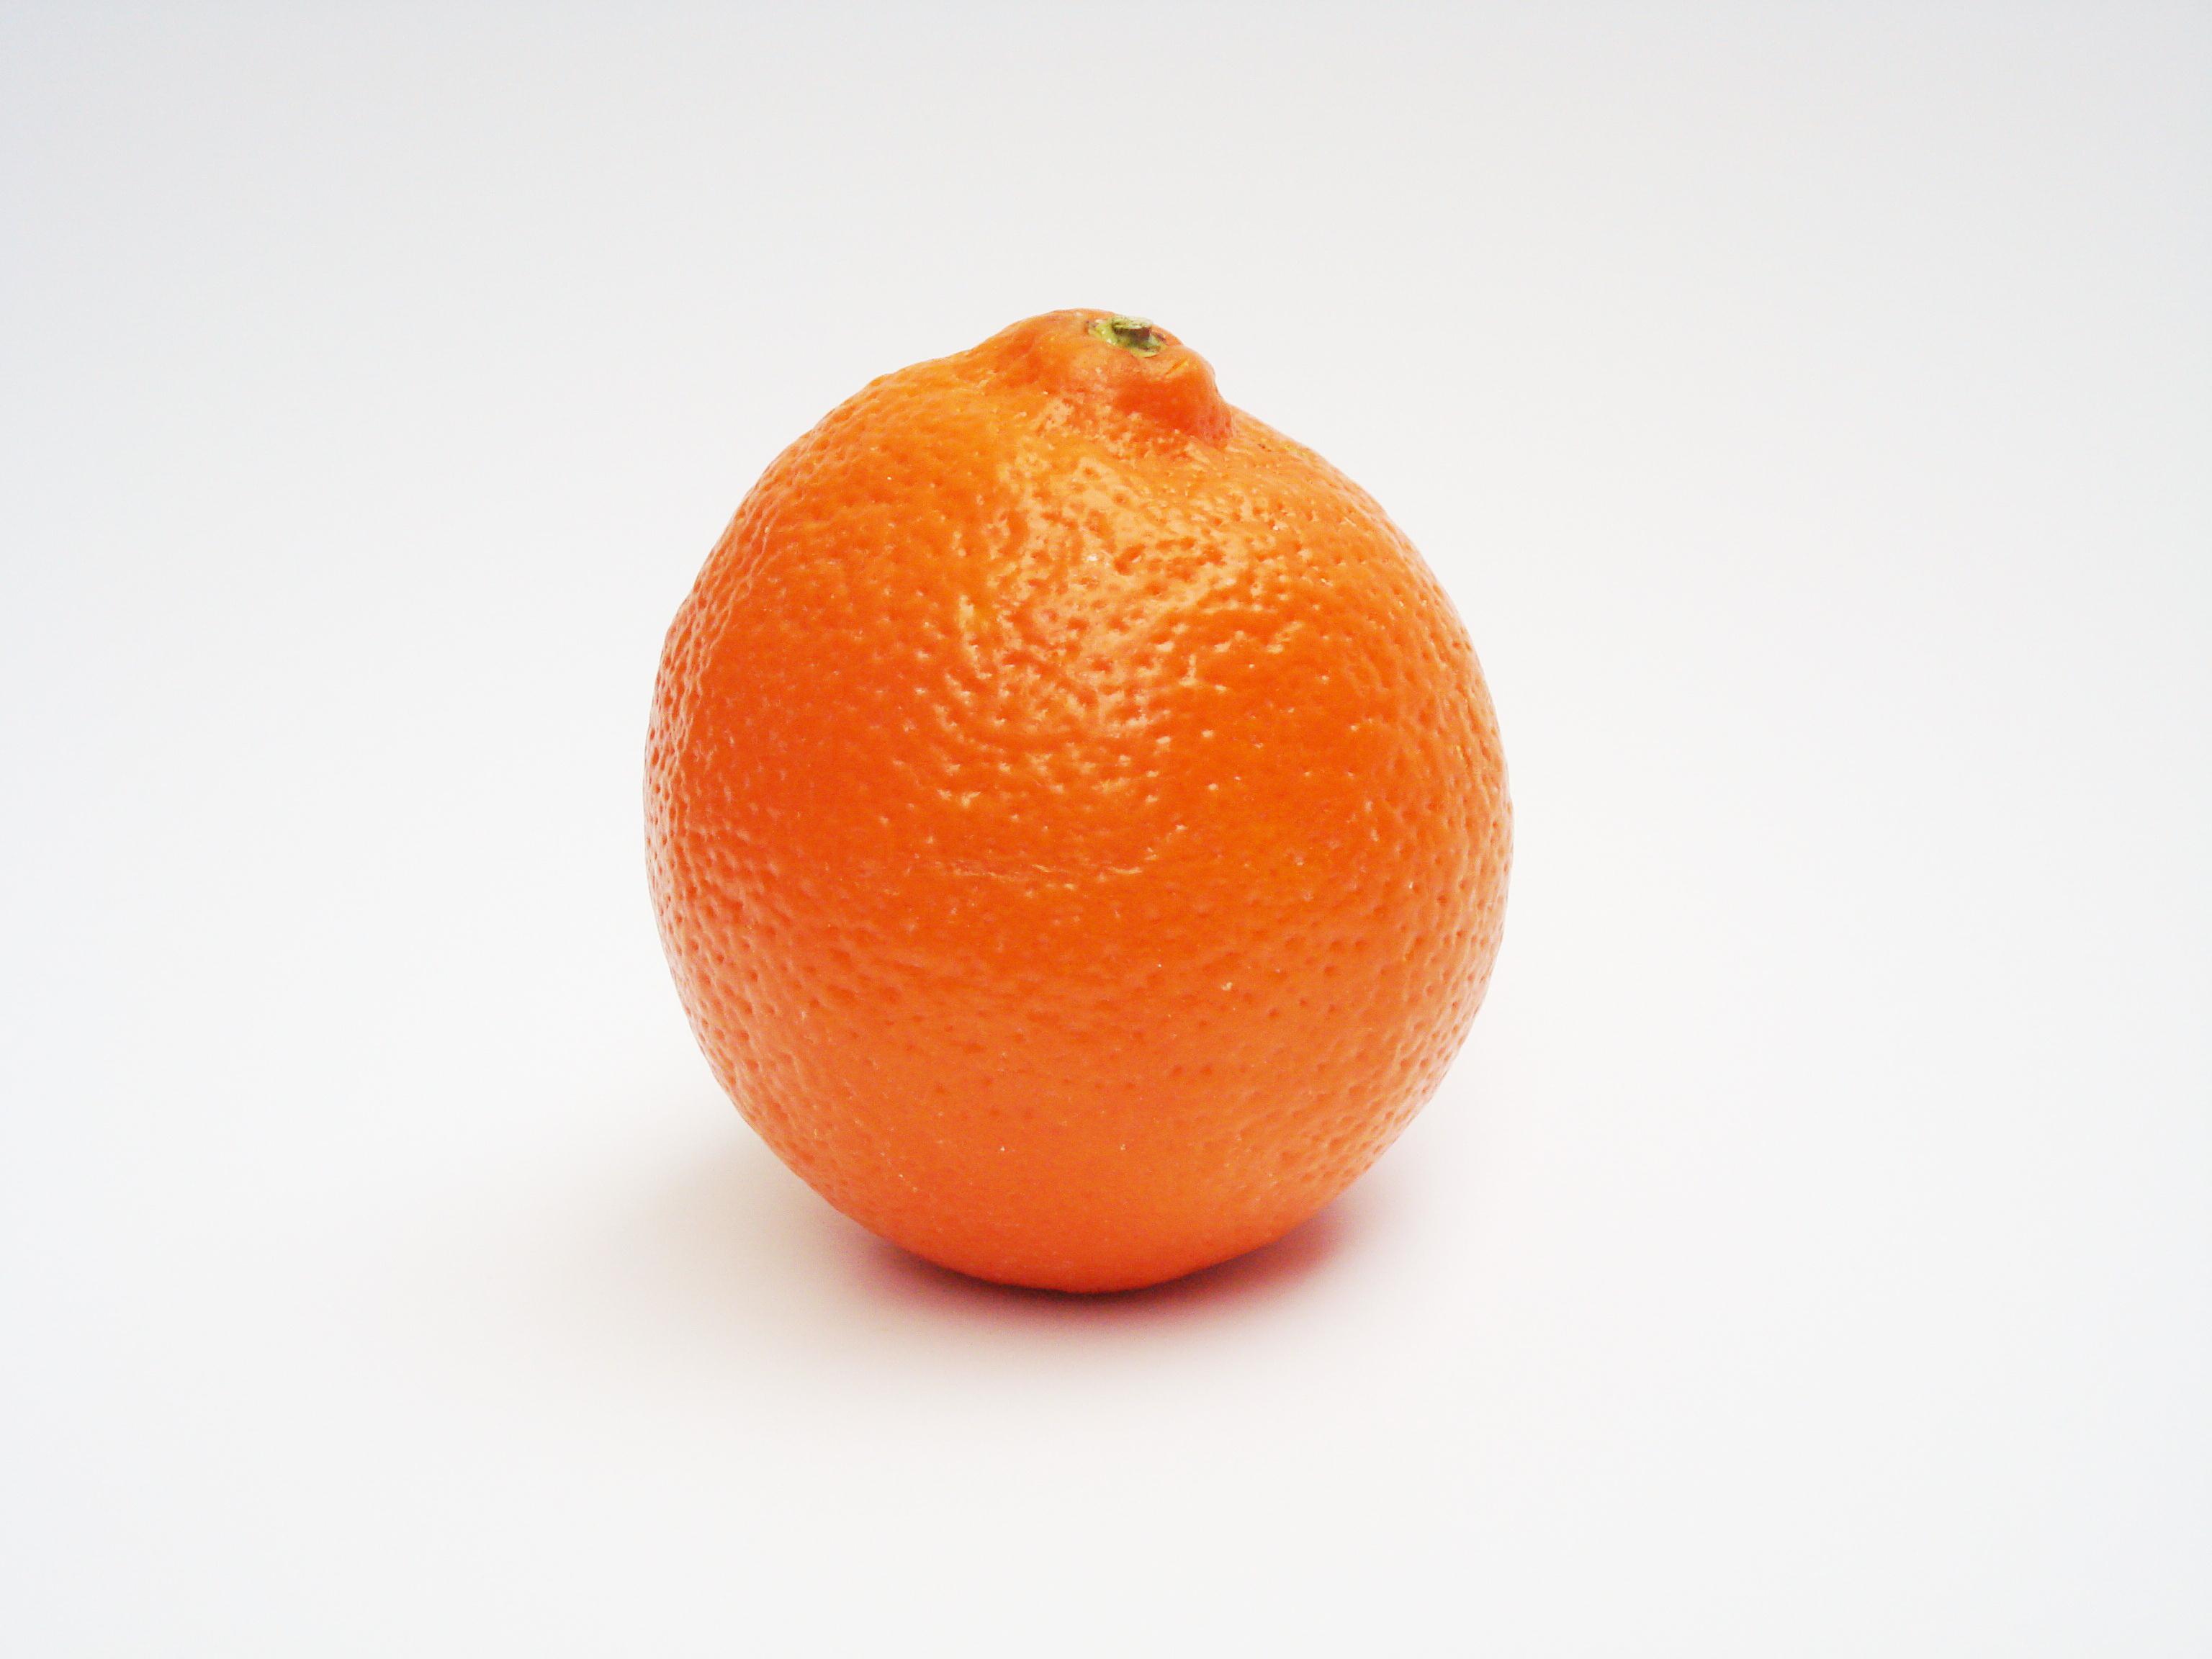 soort sinaasappel